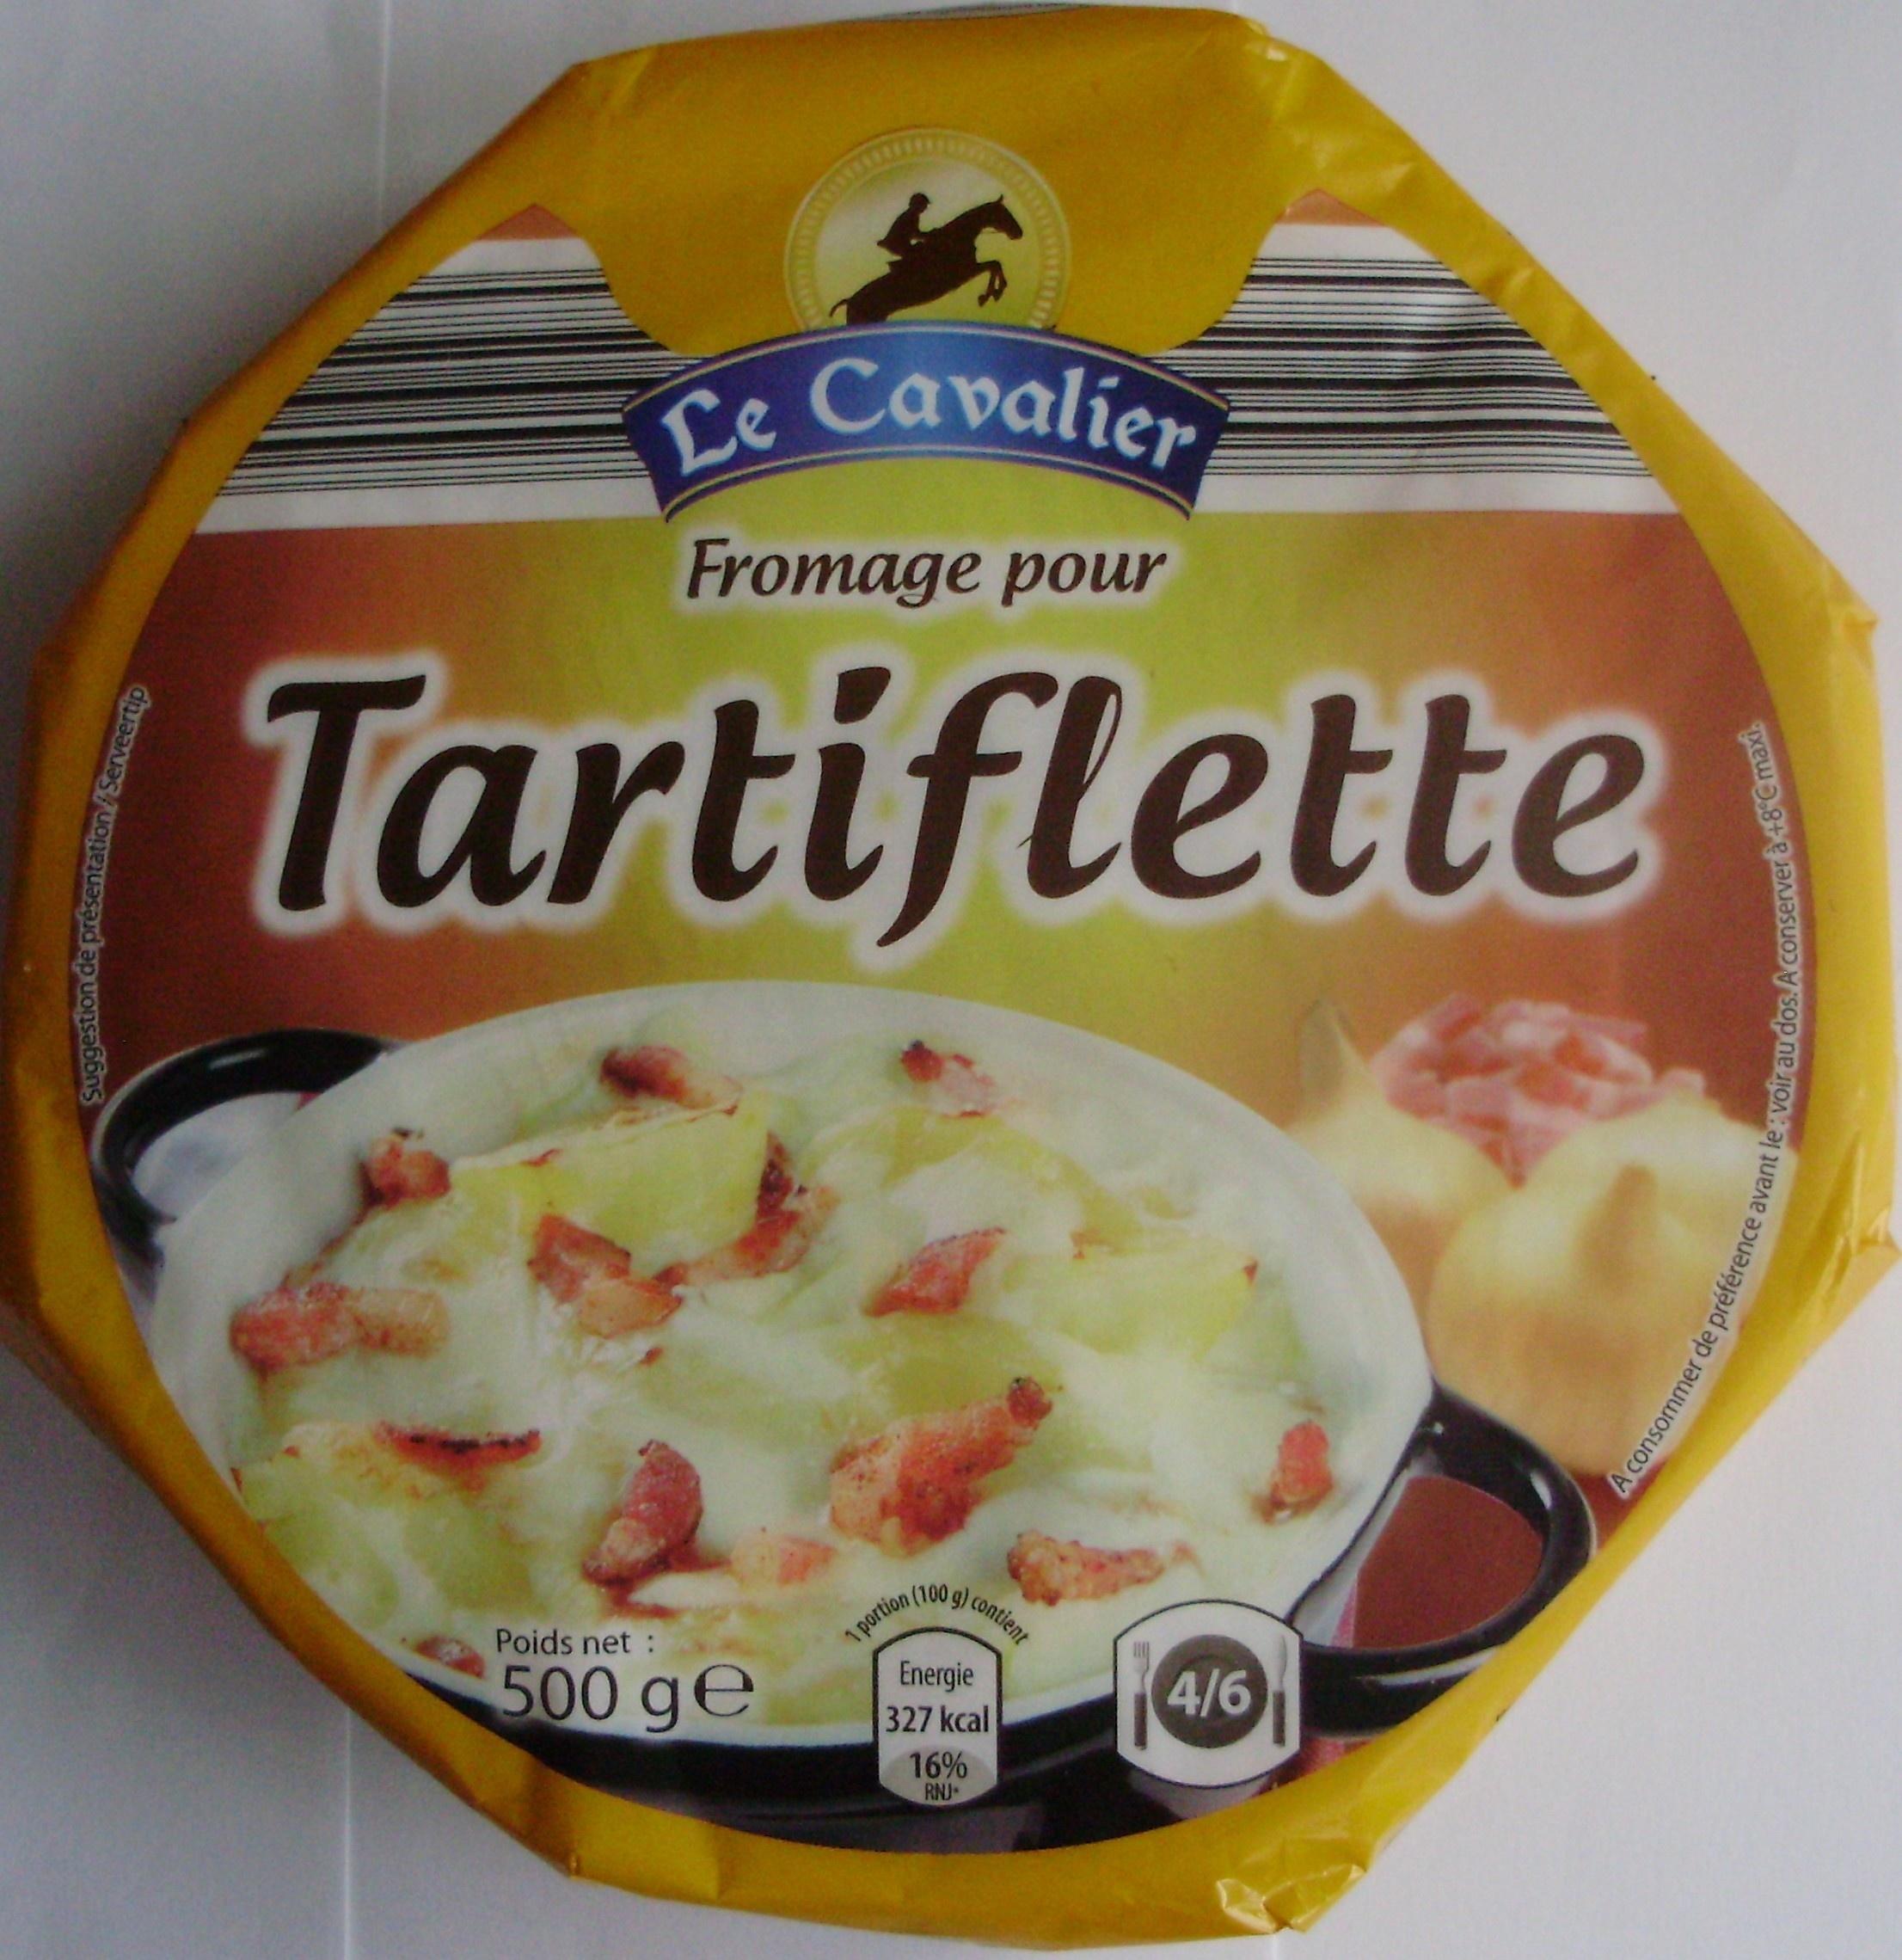 Fromage pour Tartiflette (27 % MG) - Produit